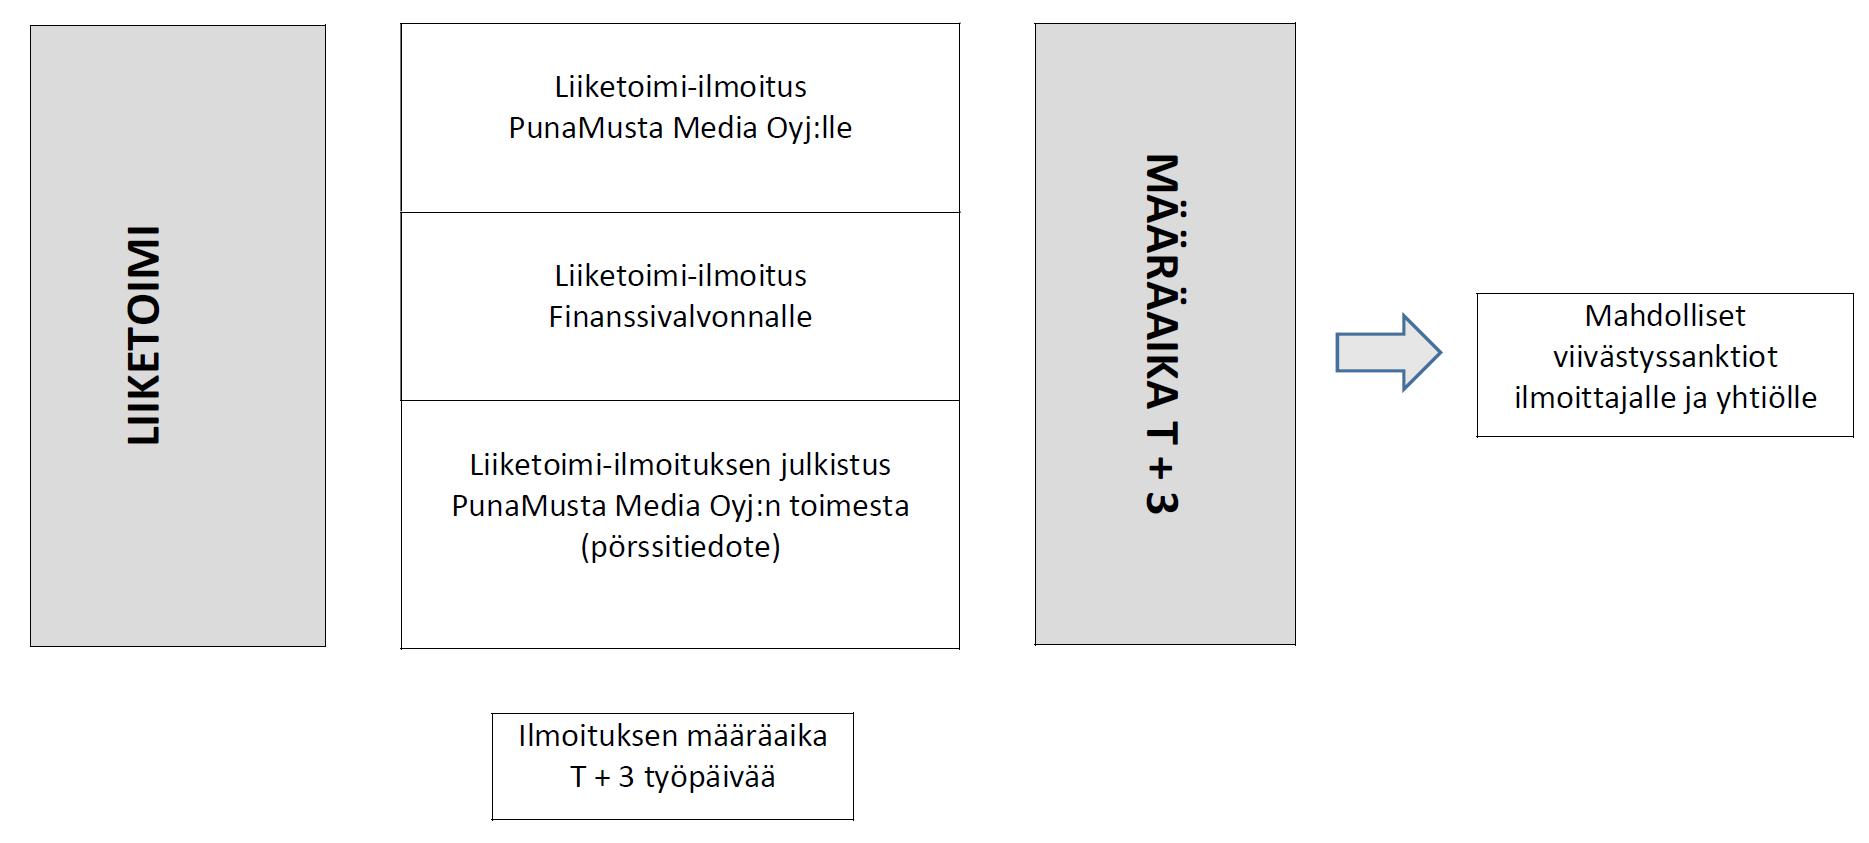 Liiketoimintakaavio